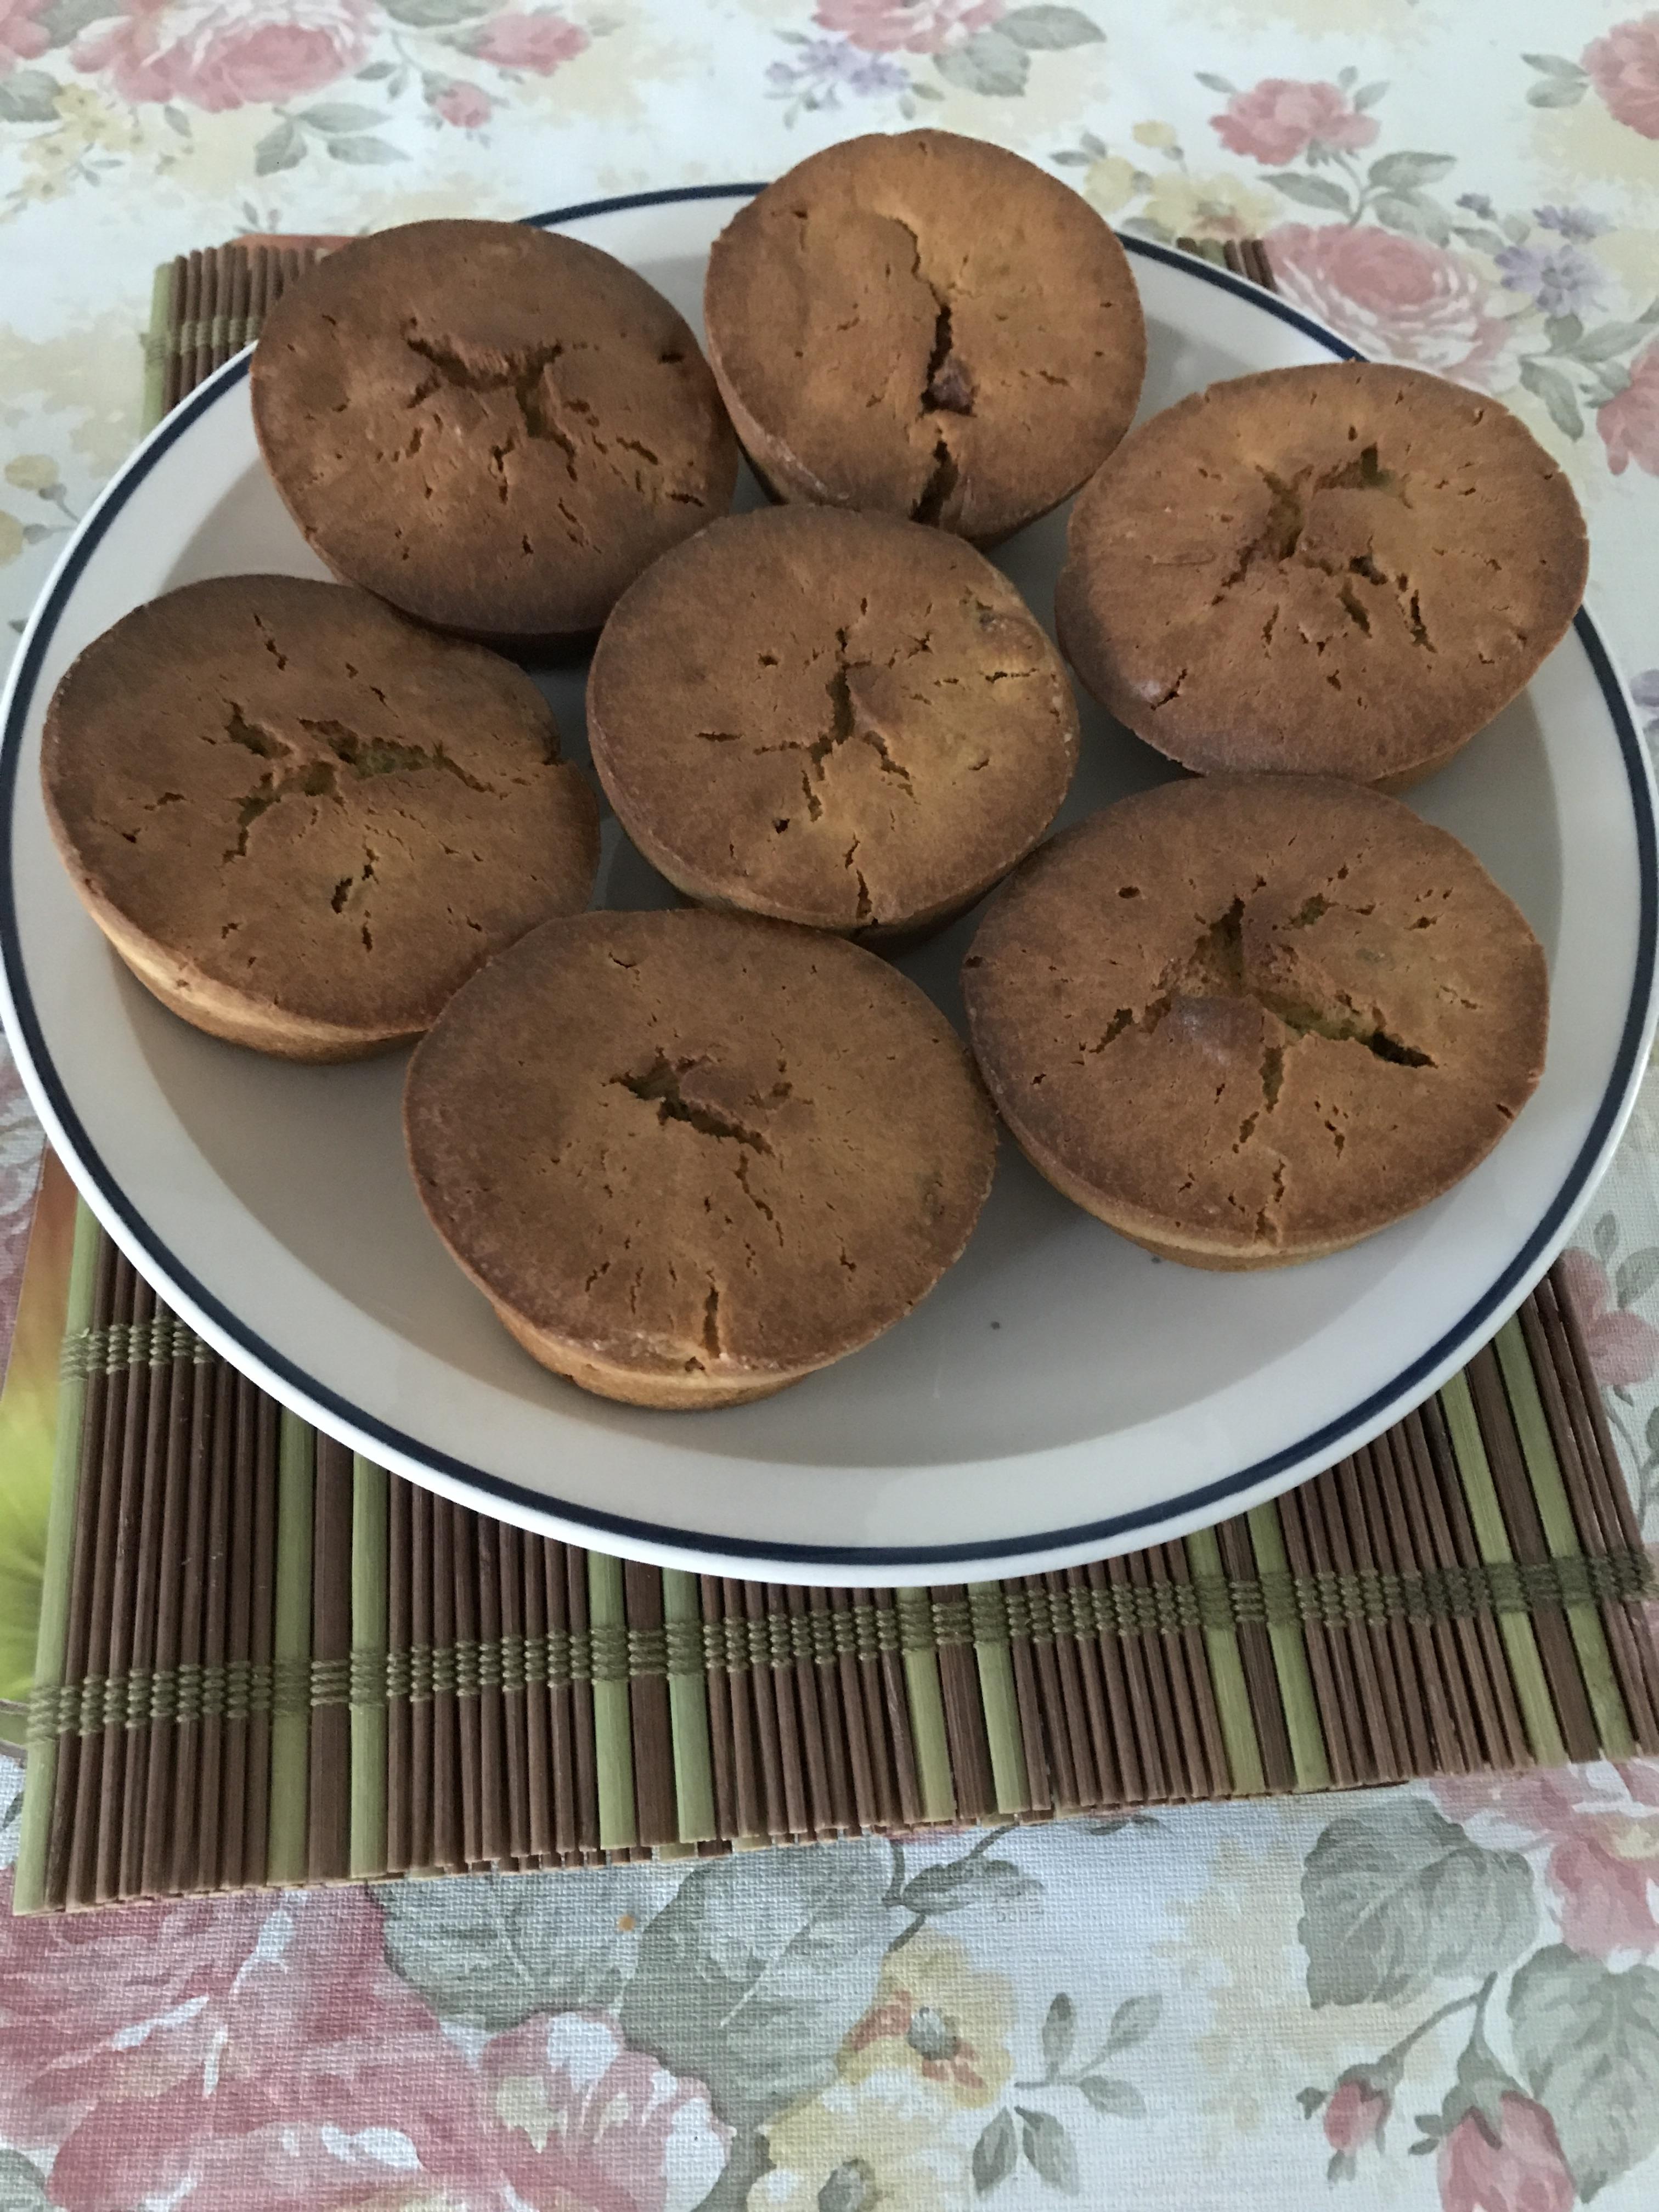 Avocado and bacon cupcakes